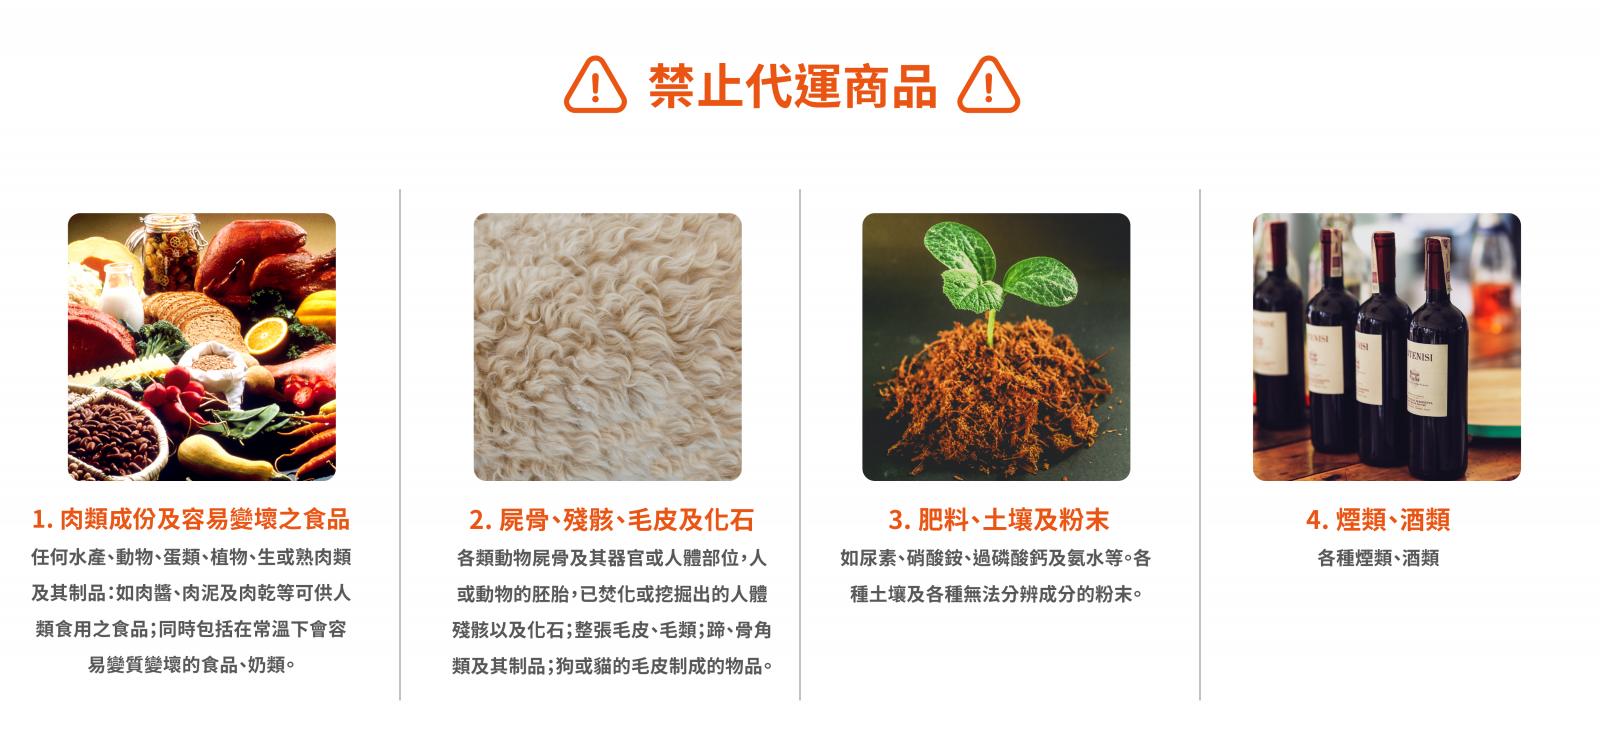 Shipgo國際集運香港站_禁止集運代運商品